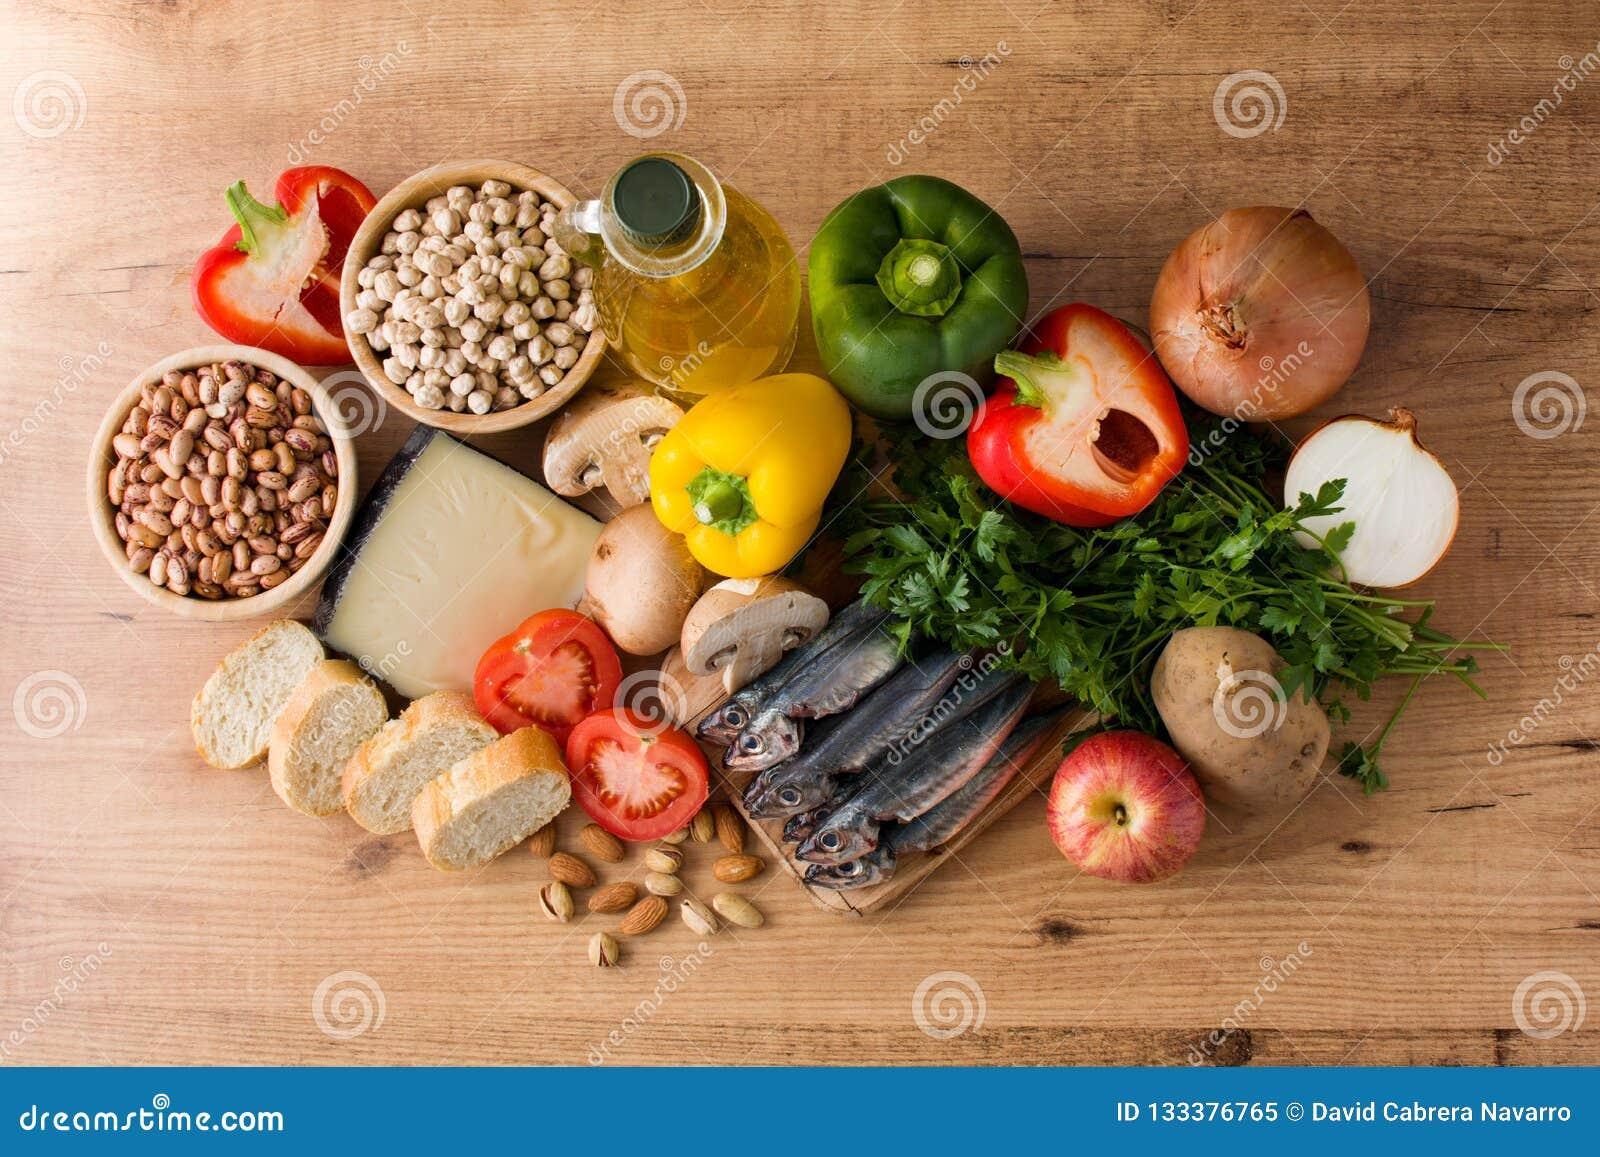 Gesundes Essen Olivgrüne Zwiebel Frucht, Gemüse, Korn, Nüsse Olivenöl und Fische